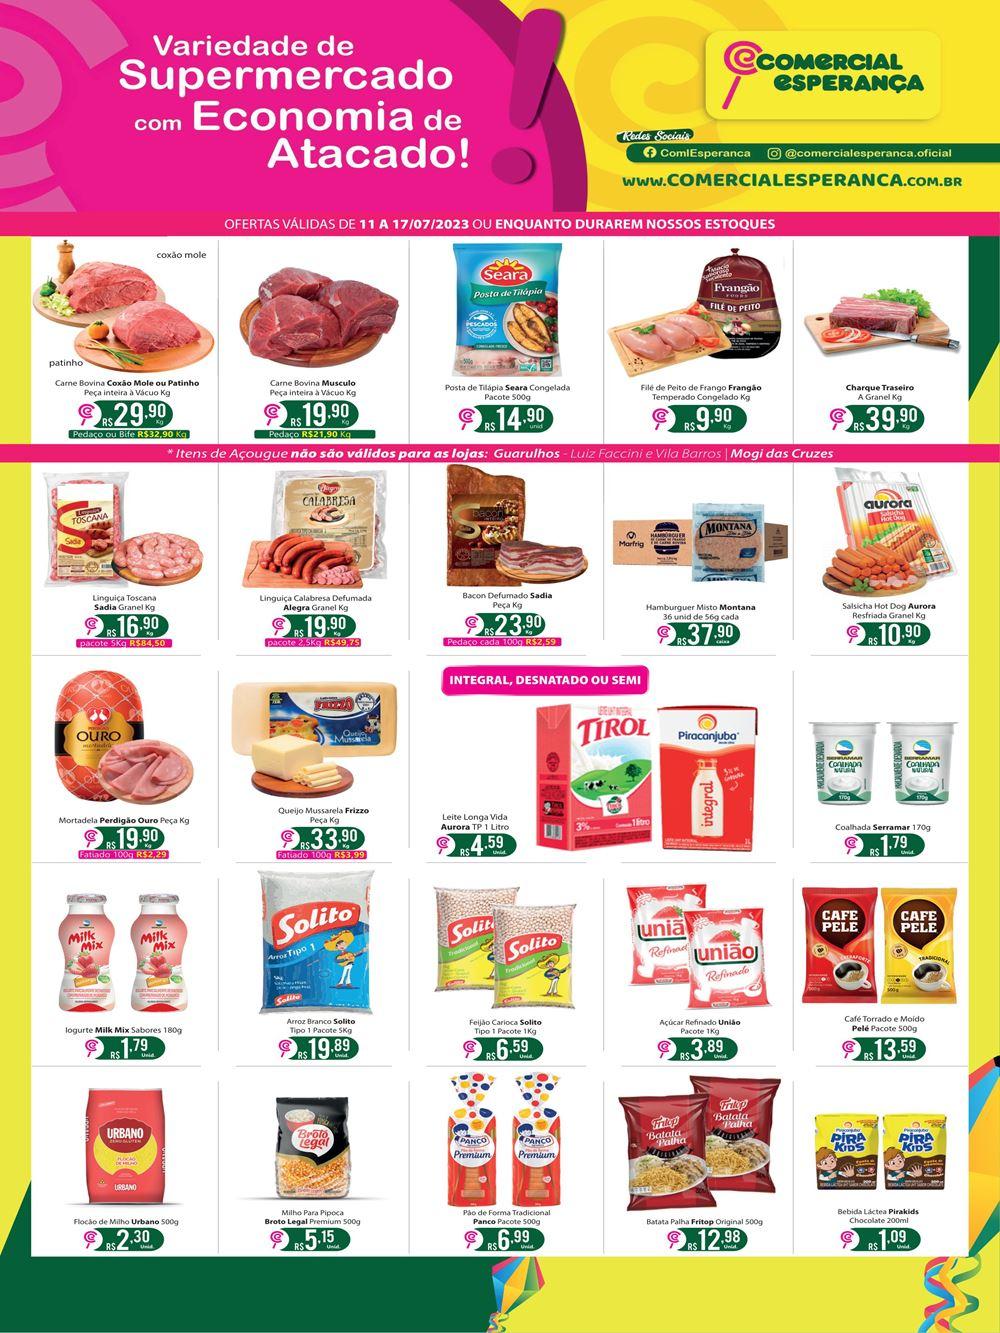 esperanca-ofertas-descontos-hoje1-19 Ofertas de supermercados